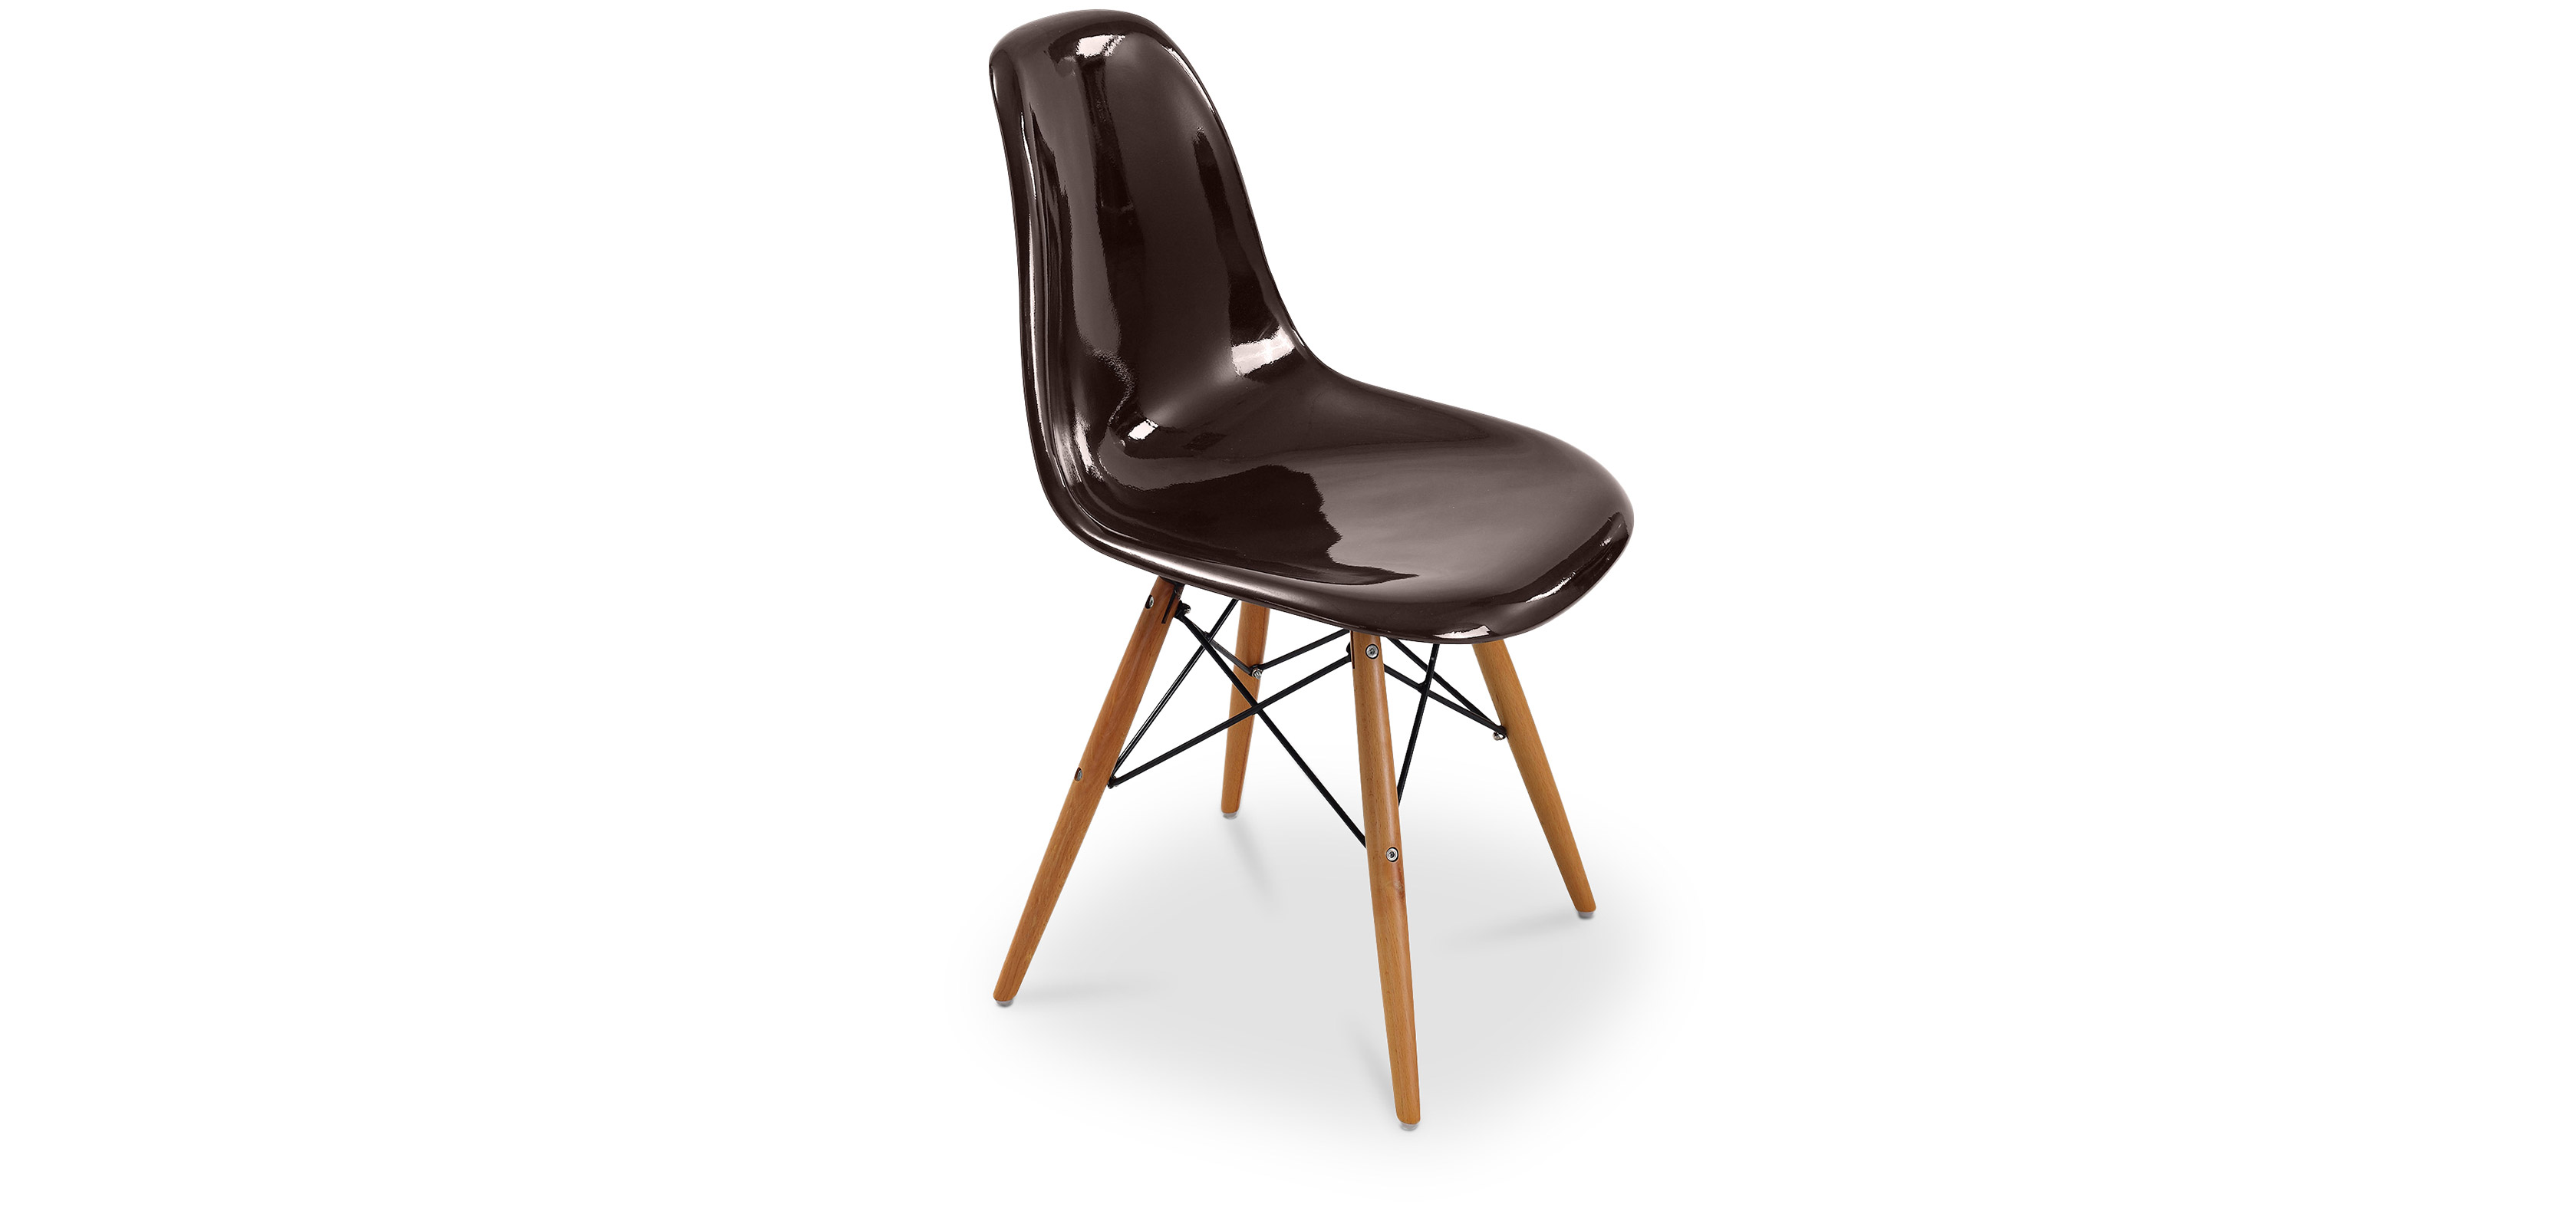 dsw stuhl charles eames. Black Bedroom Furniture Sets. Home Design Ideas